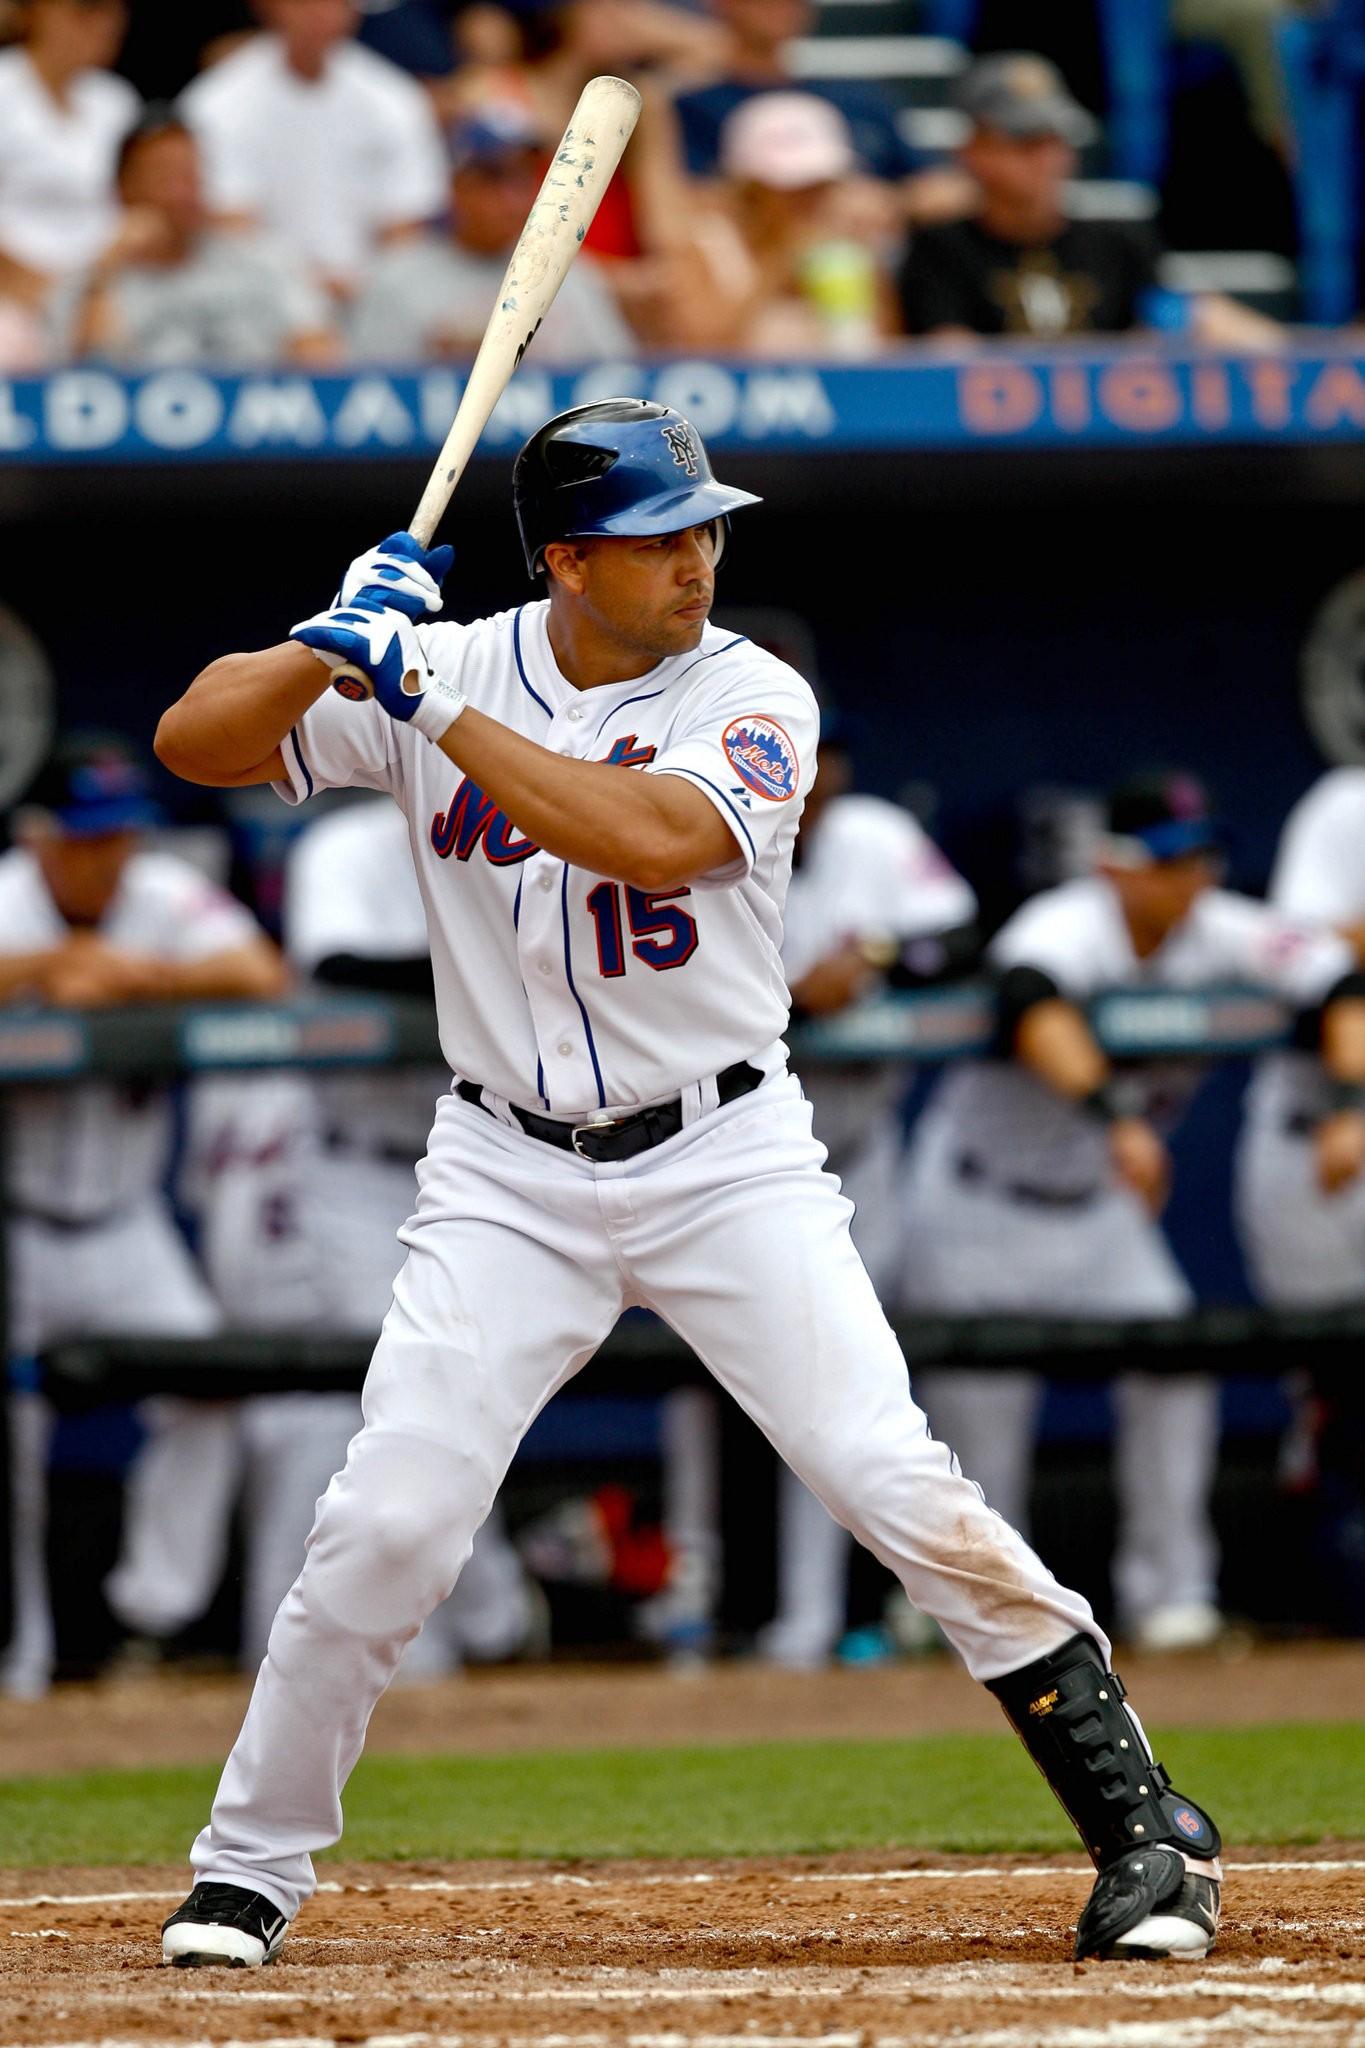 Mets Right Fielder Carlos Beltran Shut Down With Tendinitis